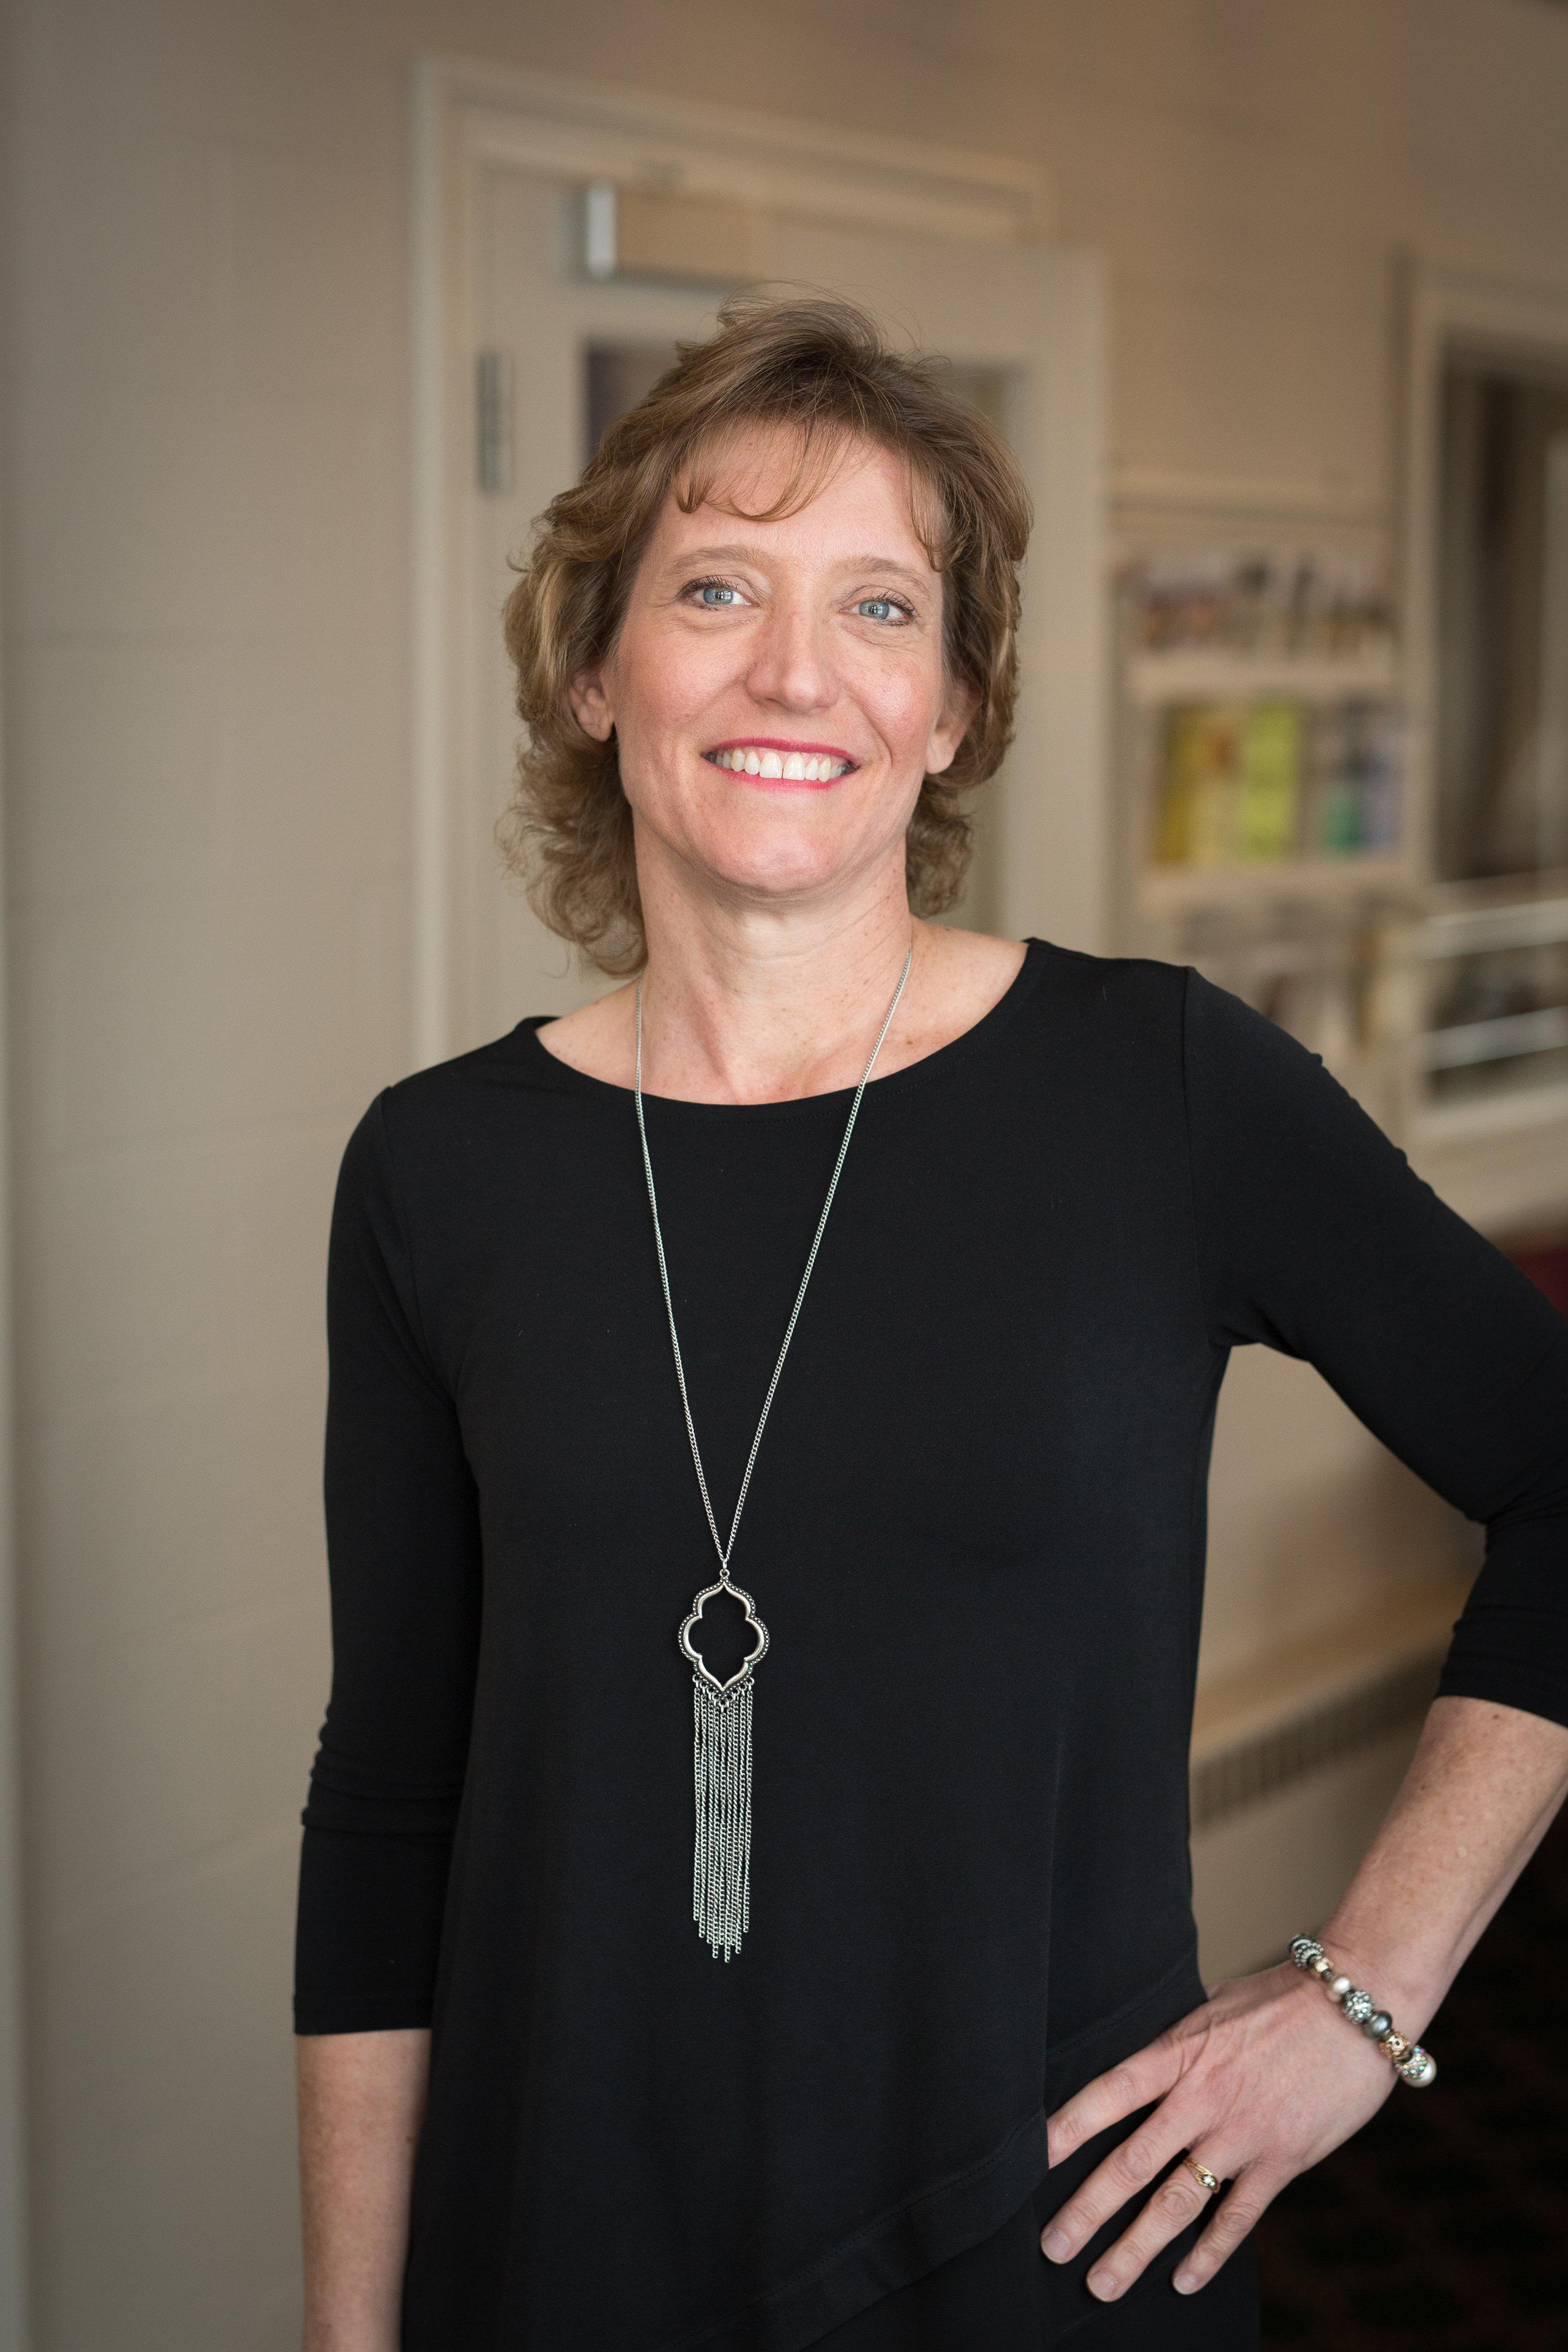 Kathy Jelsema Manager of Education & Congregational Life